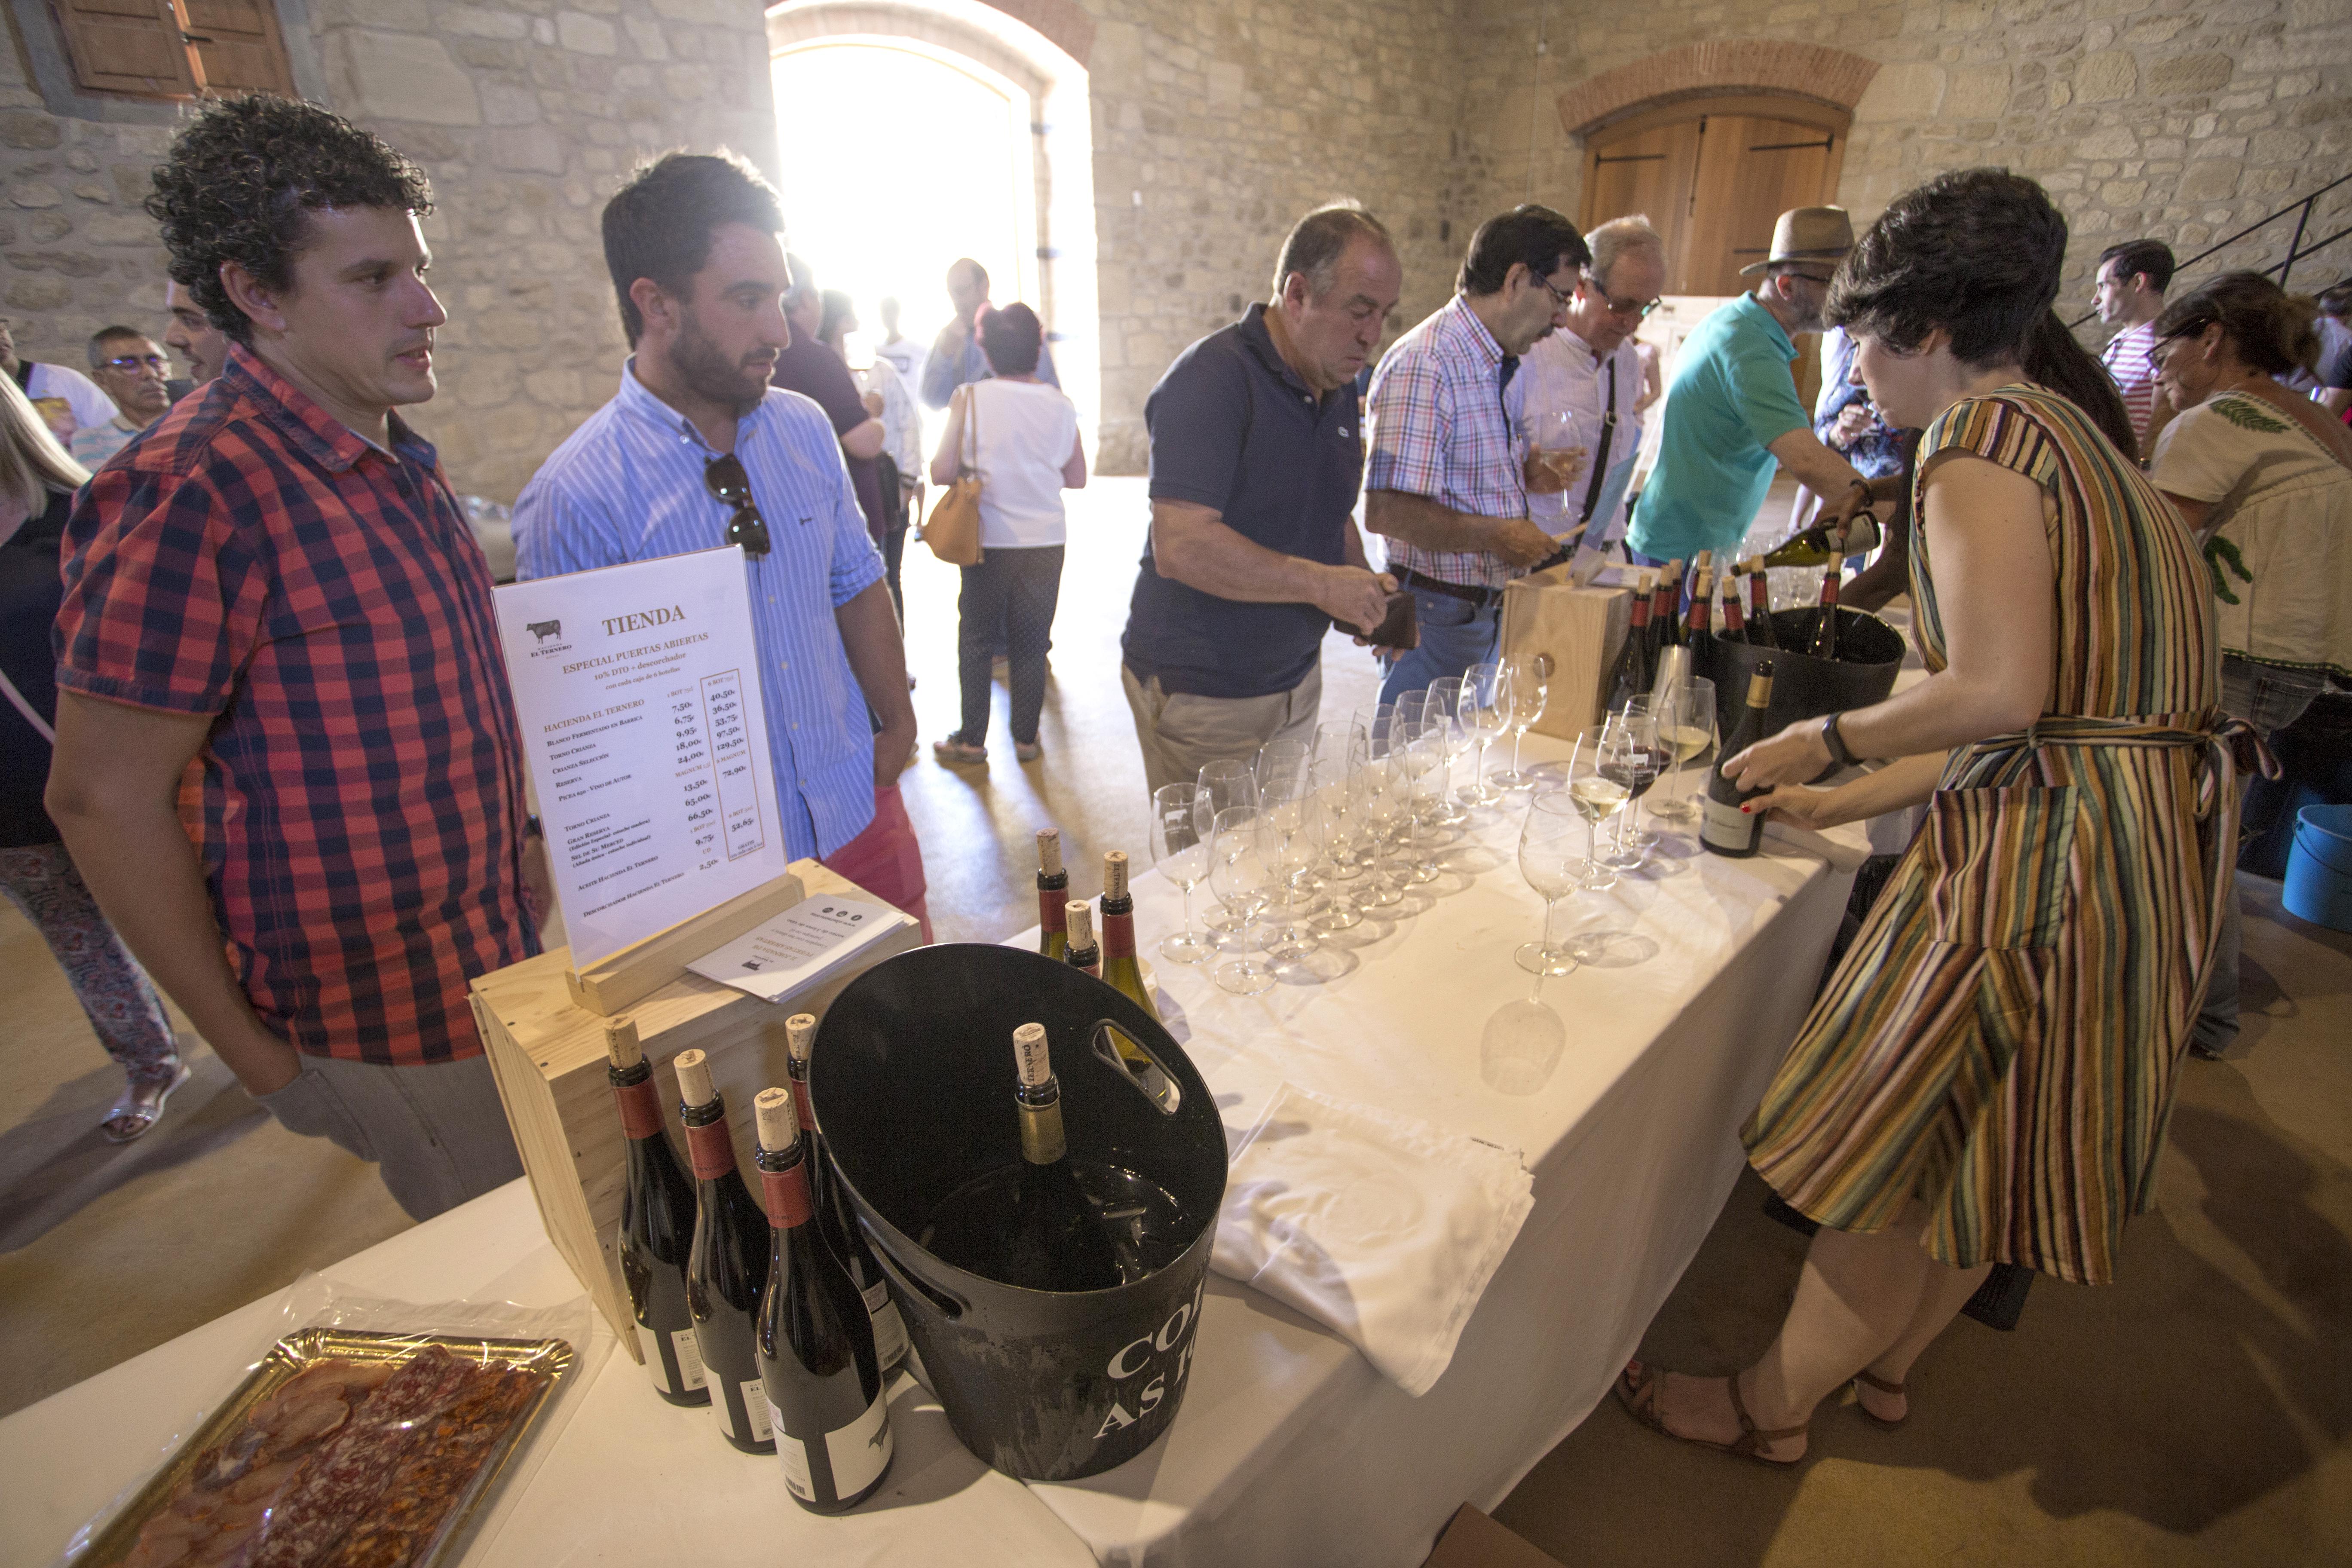 Enoturismo Rioja Alta Hacienda El Ternero Puertas Abiertas 2018